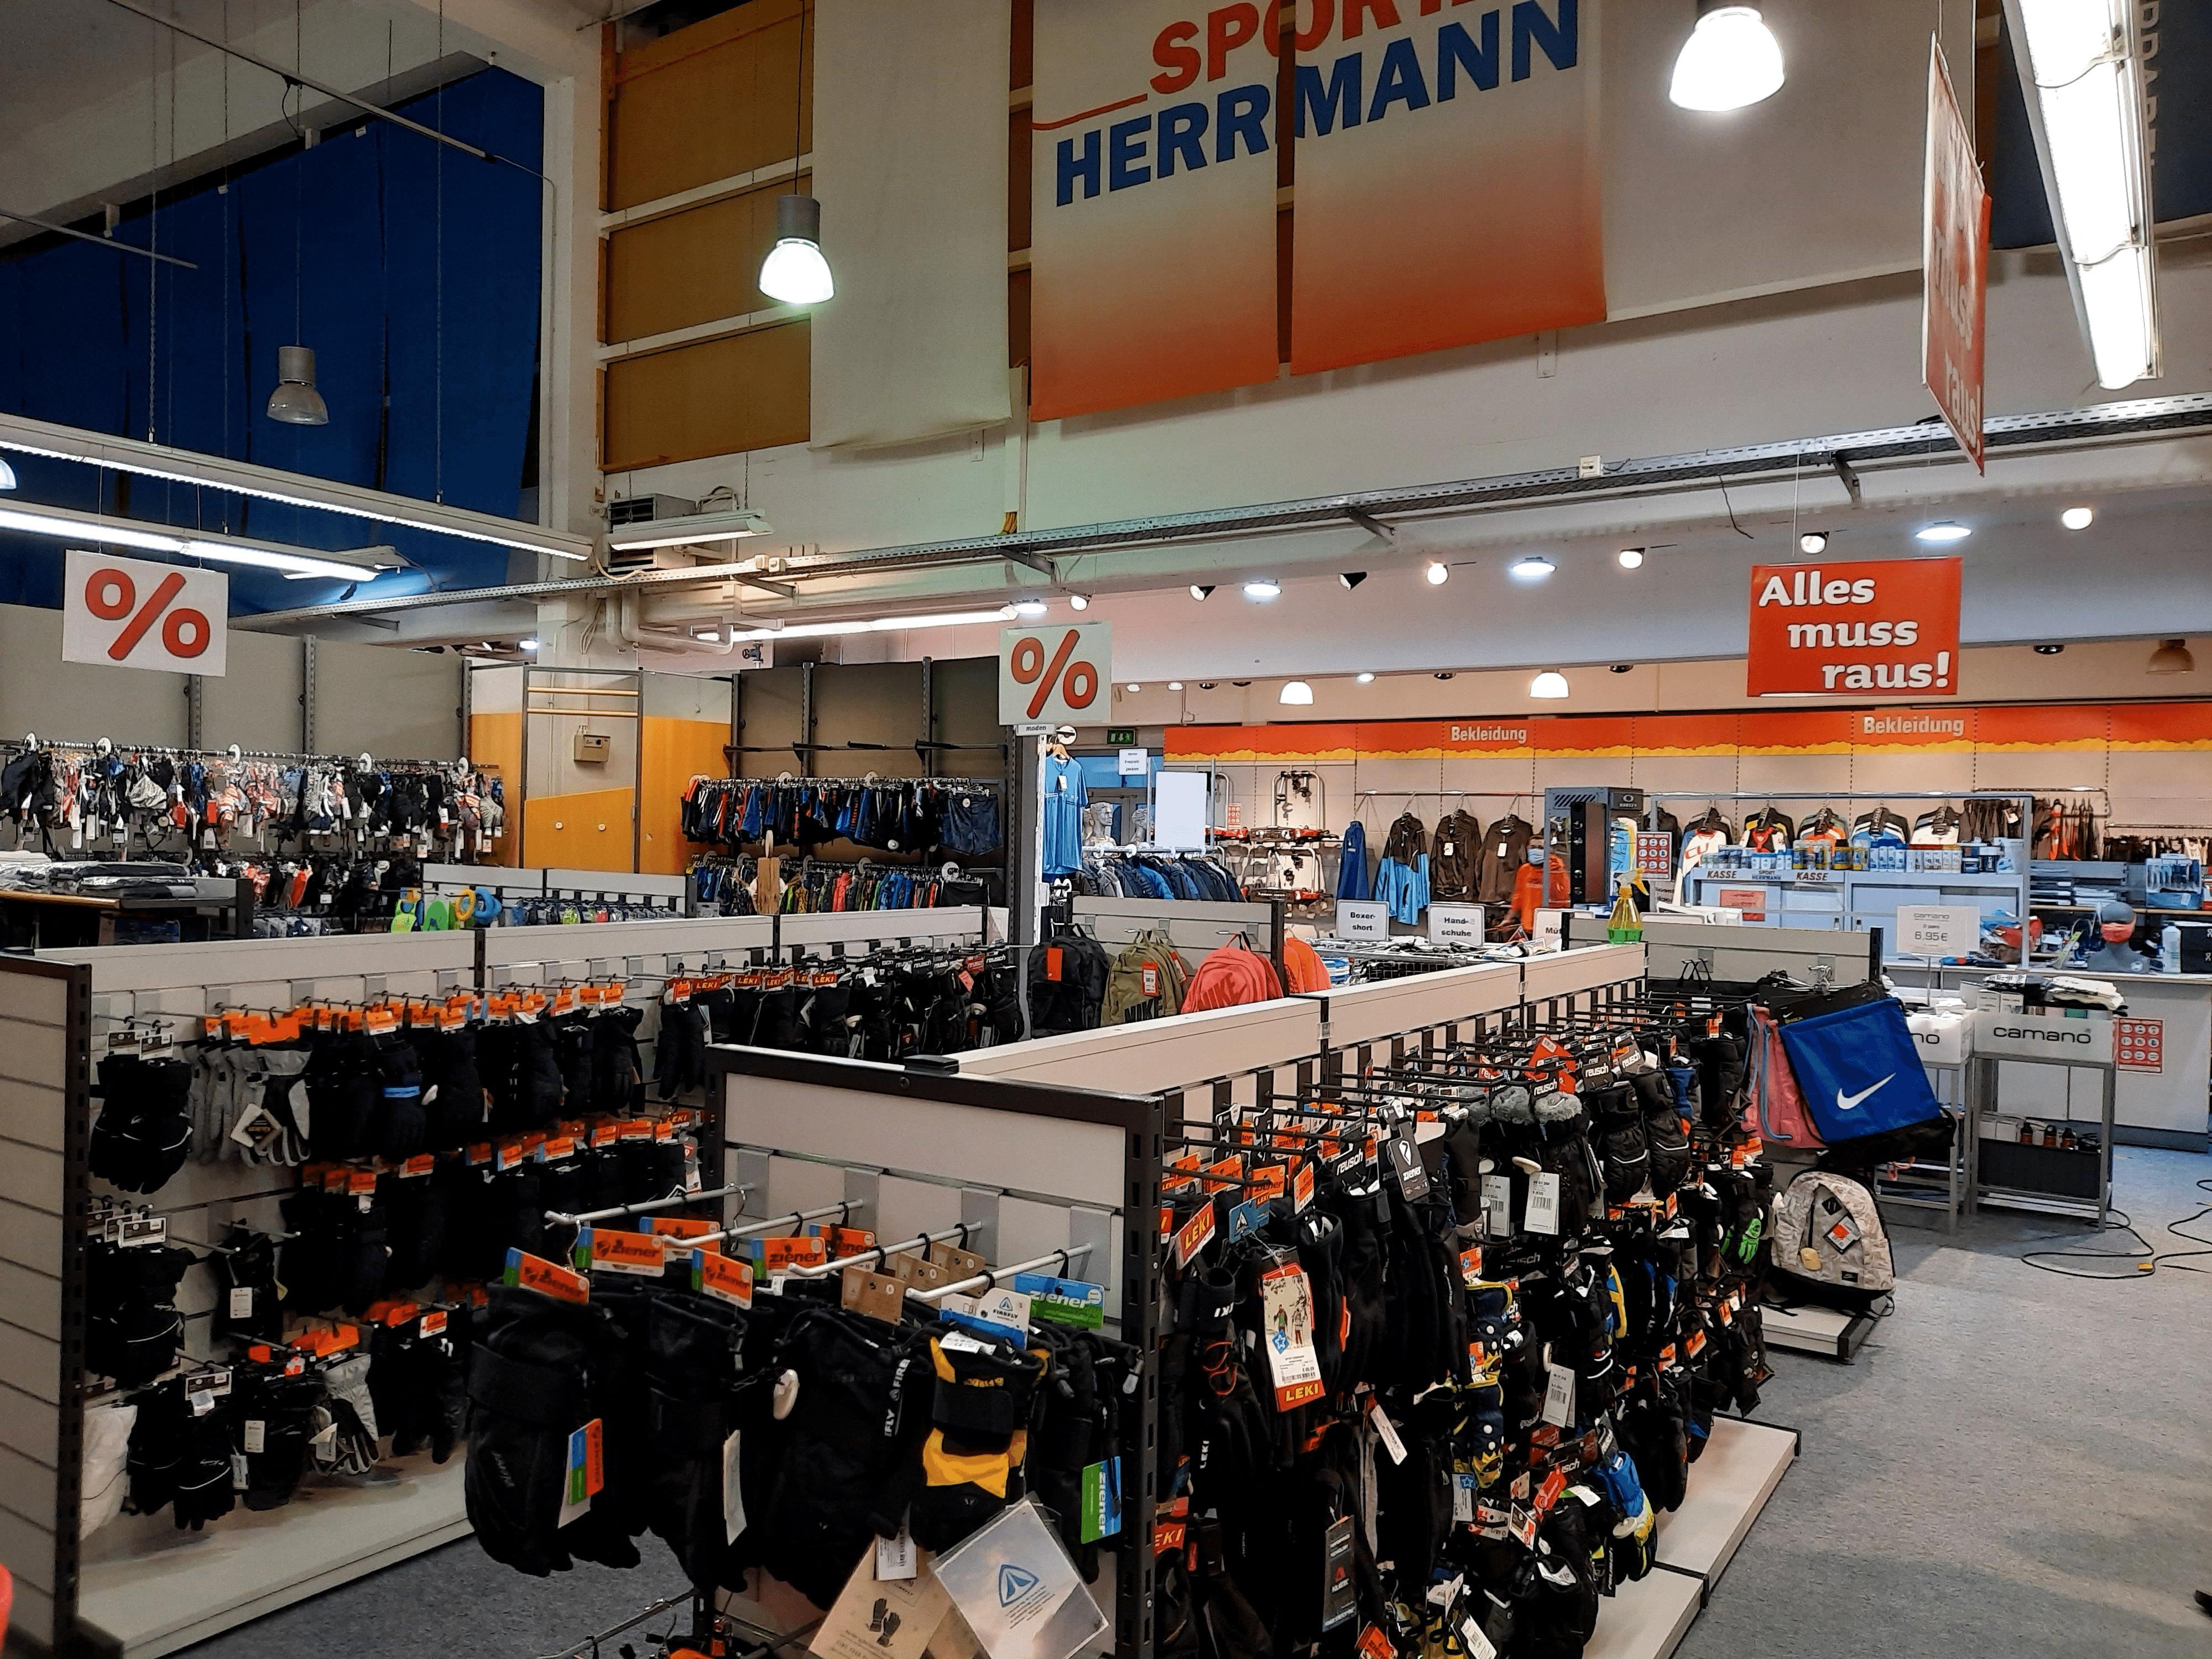 SIGG Zeit zum Handeln Räumungsverkauf Umbau Sport Herrmann Neutraubling Innenraum Warenaufbau Rabatt